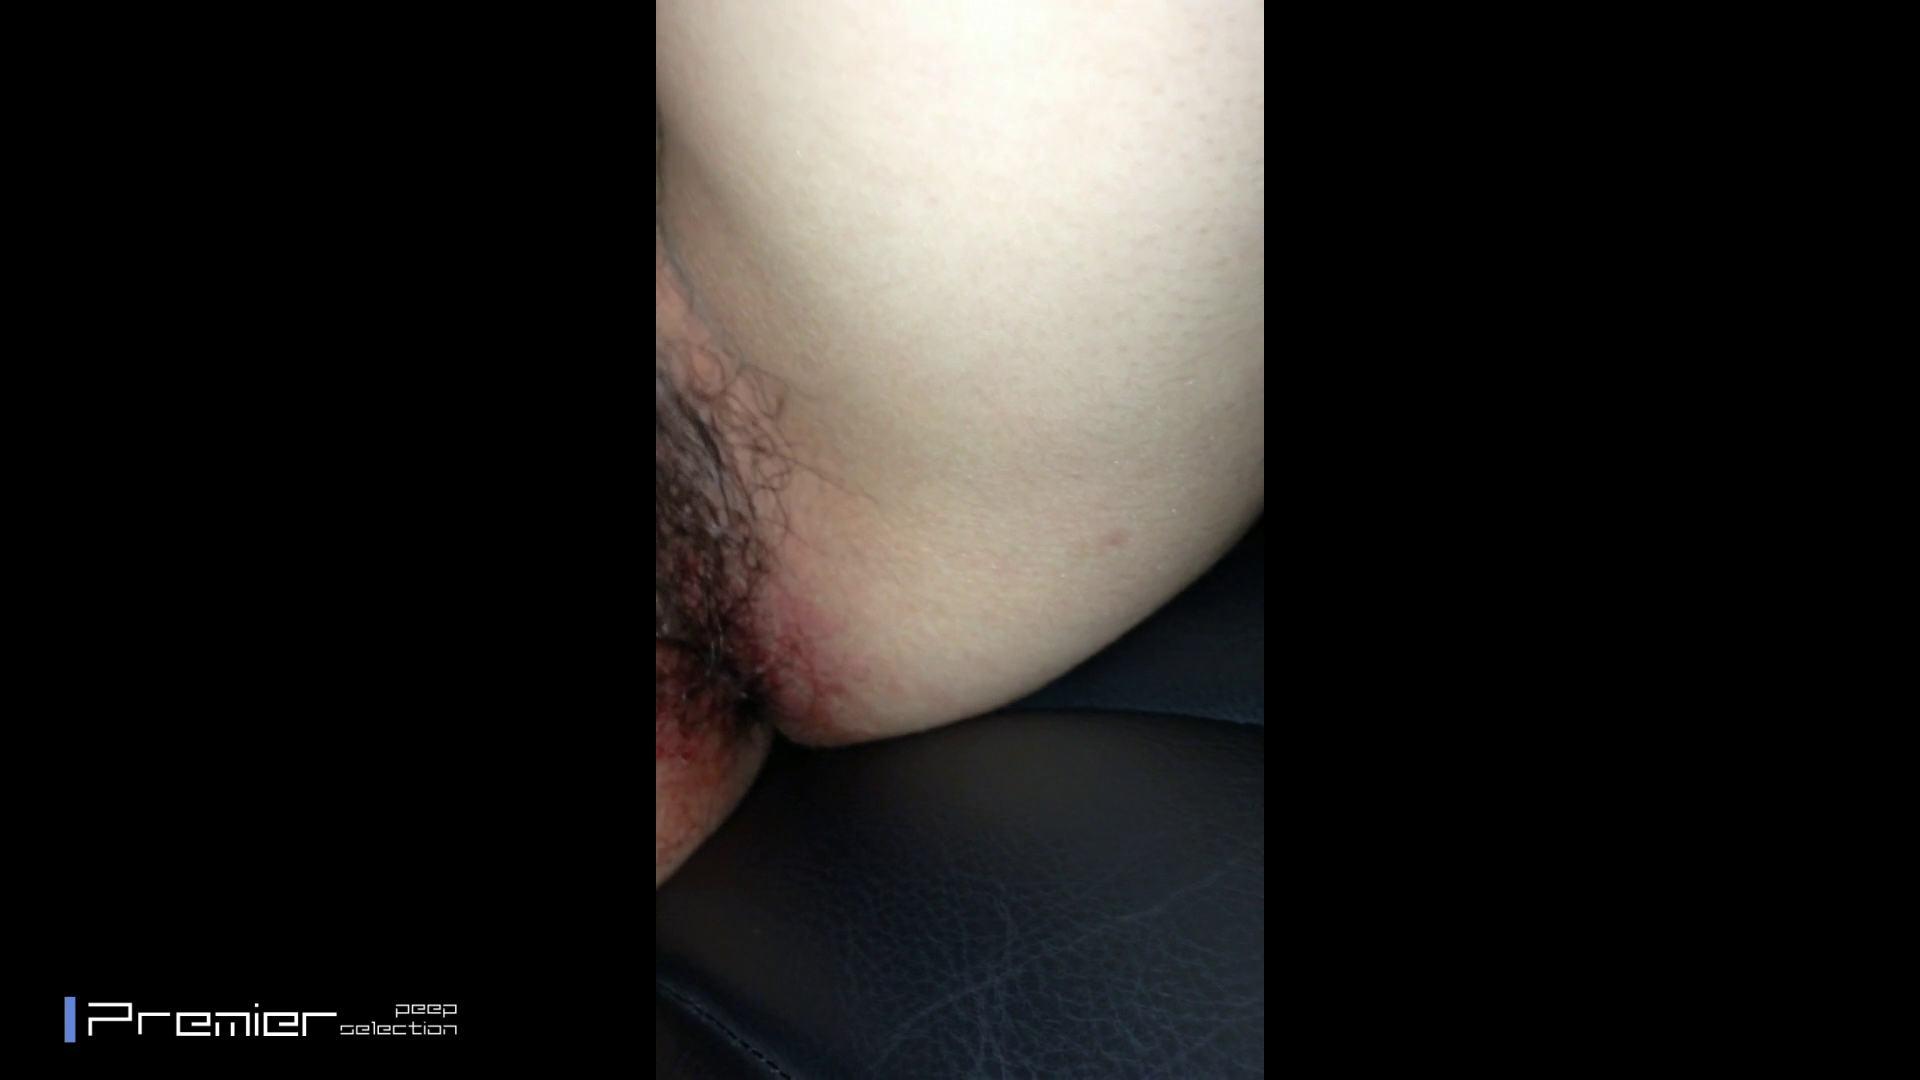 【ガチ交渉】19 歳美女に車内でいたずら 美女達の私生活に潜入! 美乳  69PIX 55